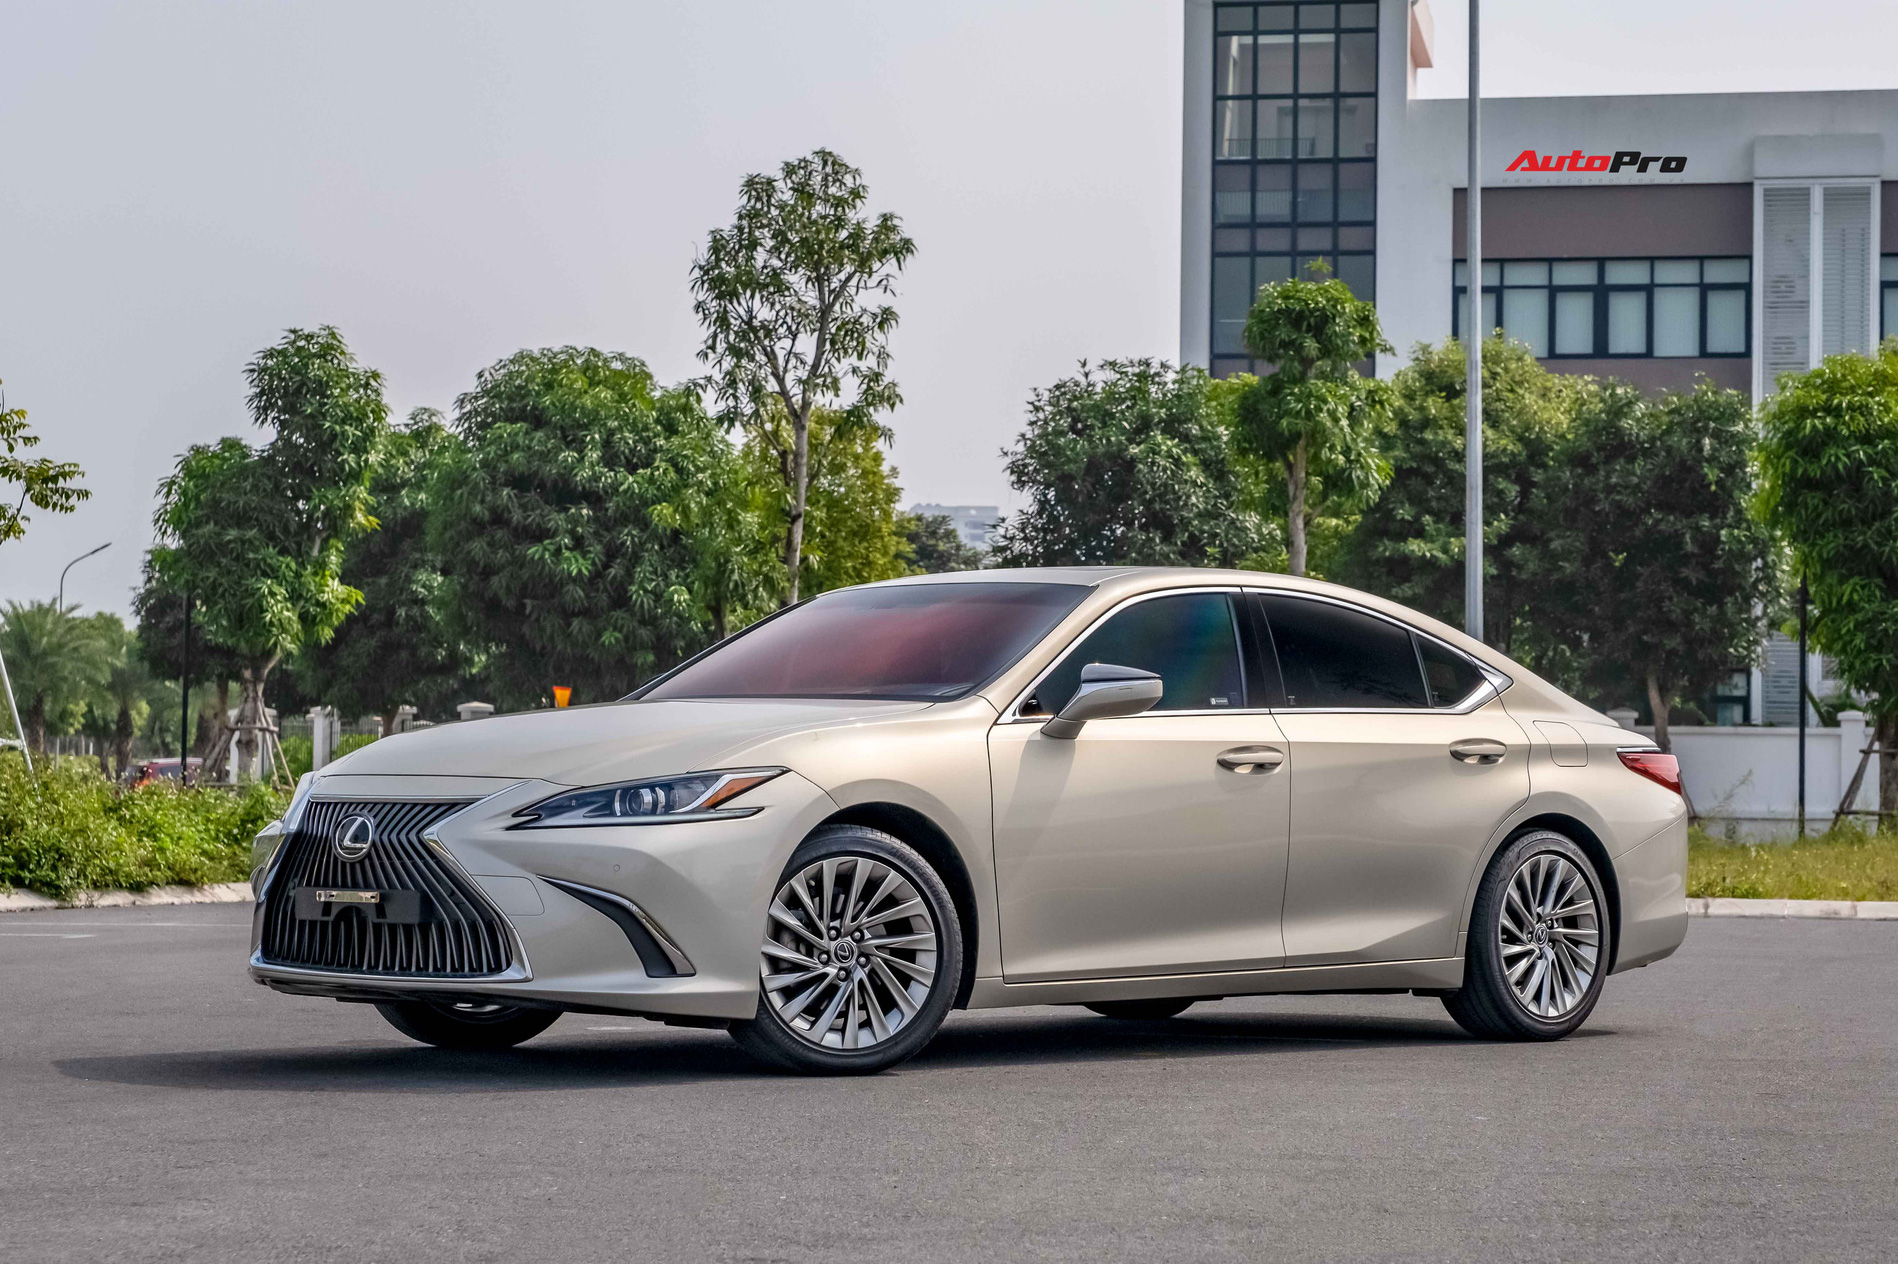 Lexus ES 250 2020 vừa ra mắt, bản cũ chạy 20.000km bán lại chỉ thấp hơn 200 triệu đồng